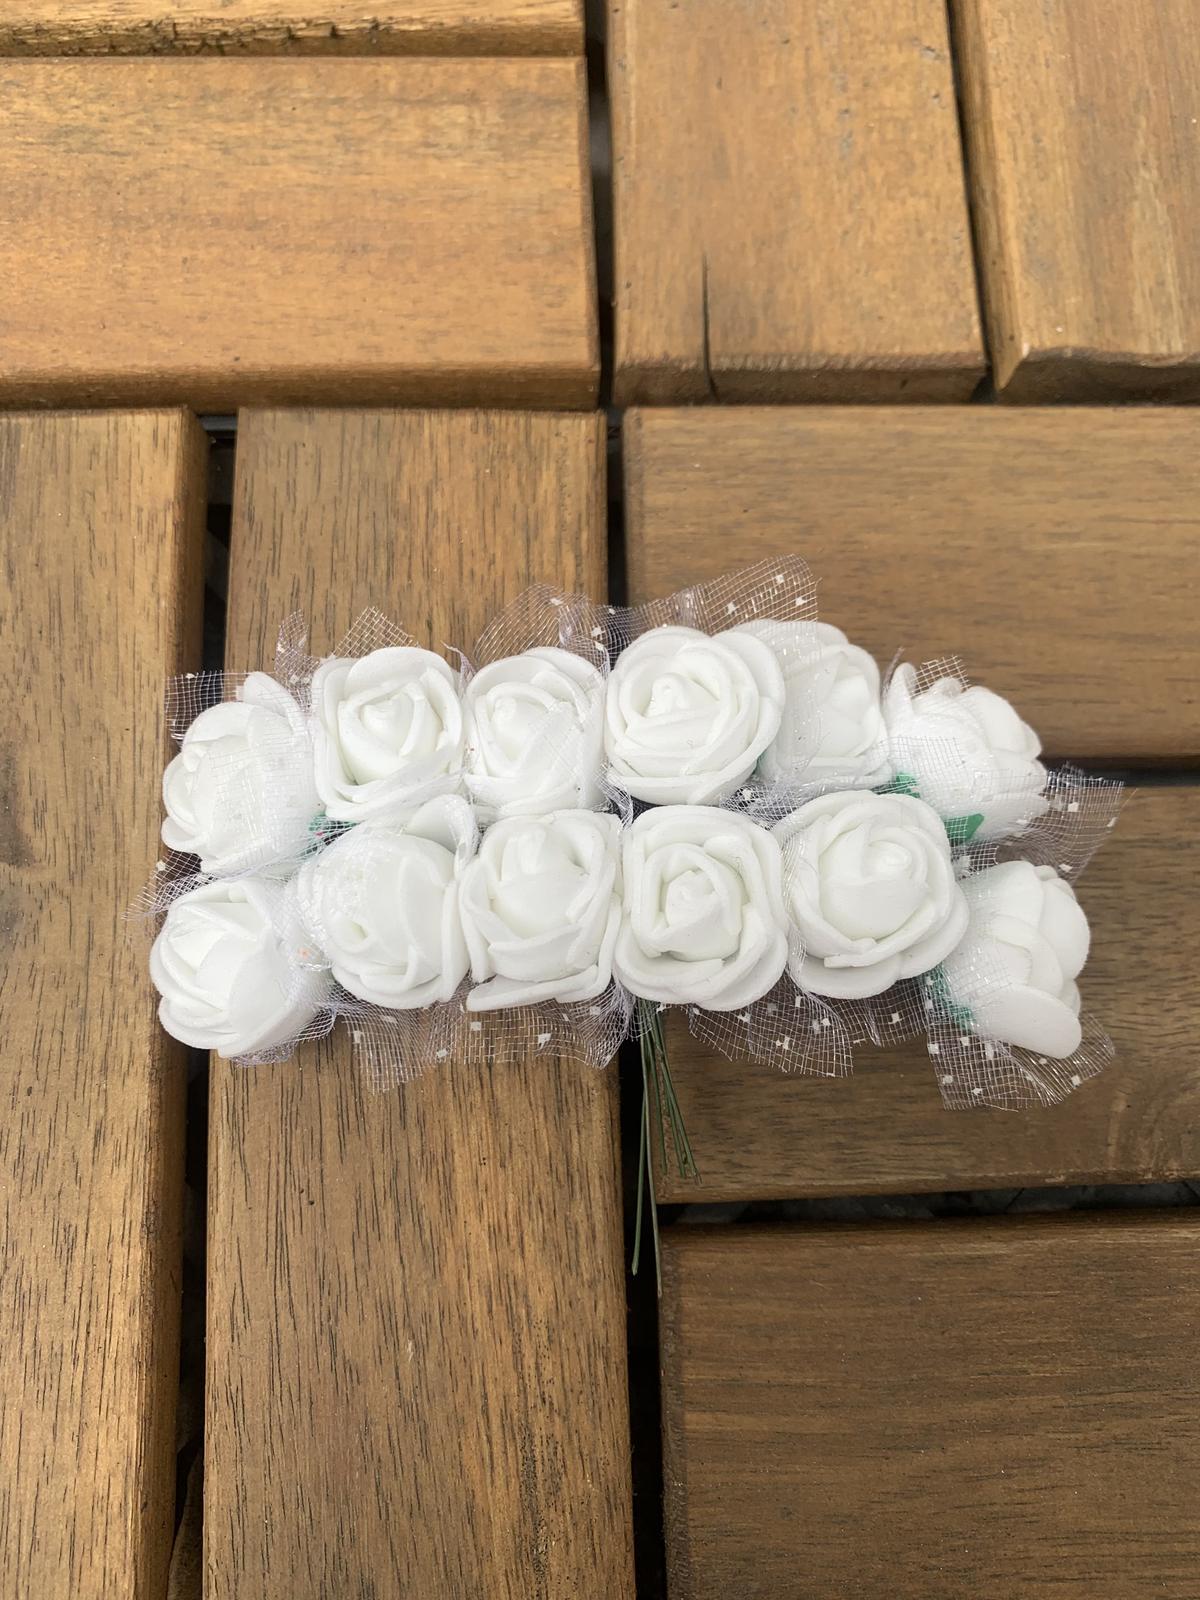 Malé ružičky 🌹 - Obrázok č. 1